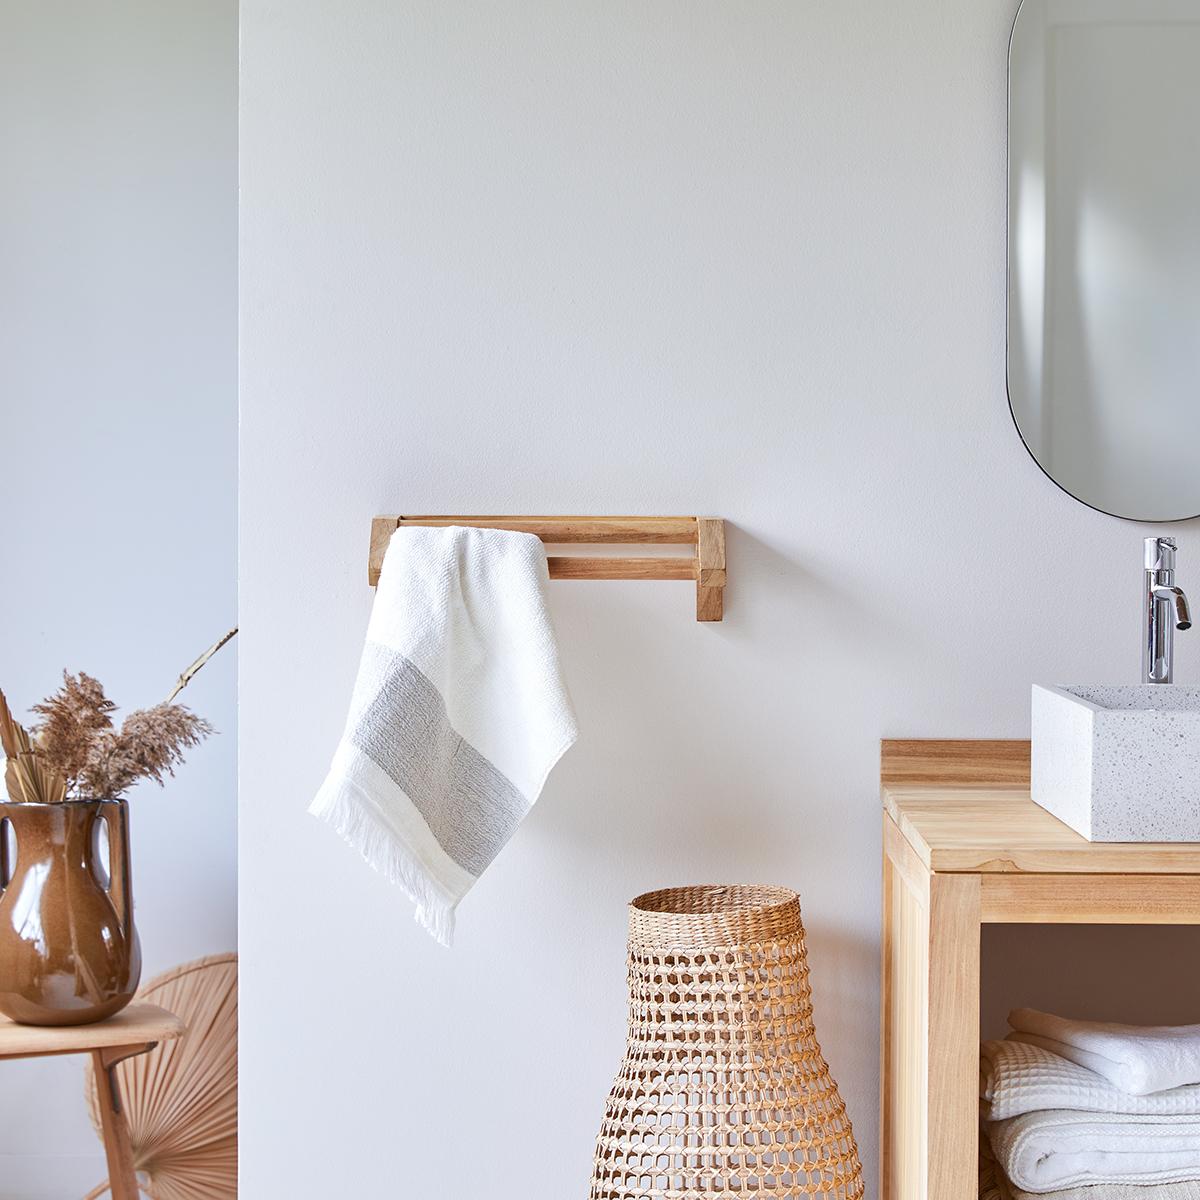 Kauf Handtuchhalter – Handtuchhalter aus Rohteak Kayu